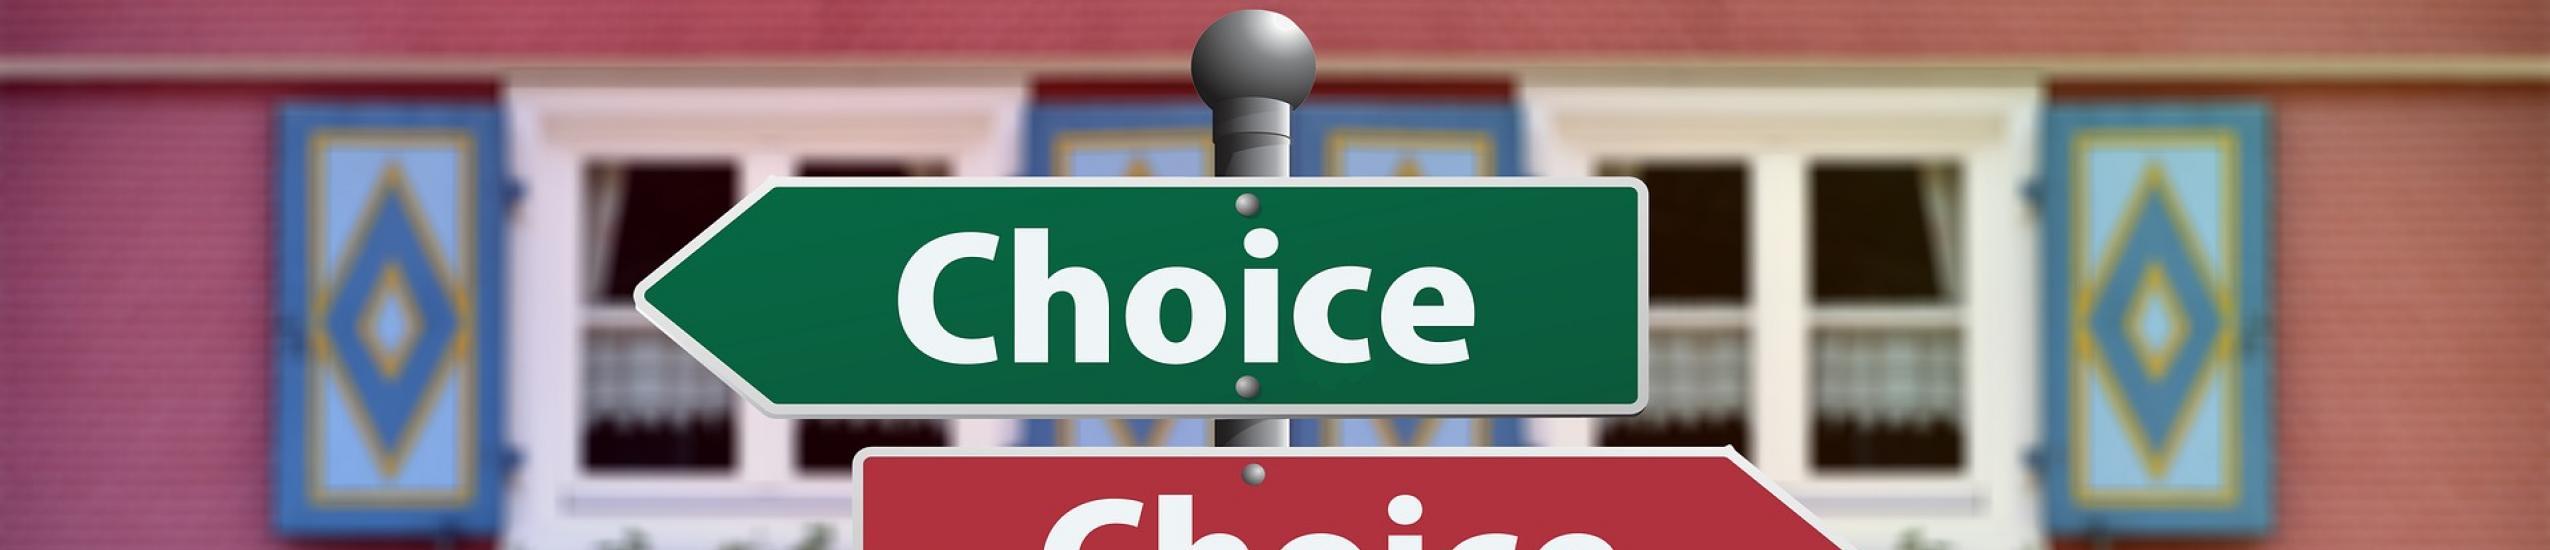 immagine scelta scolastica